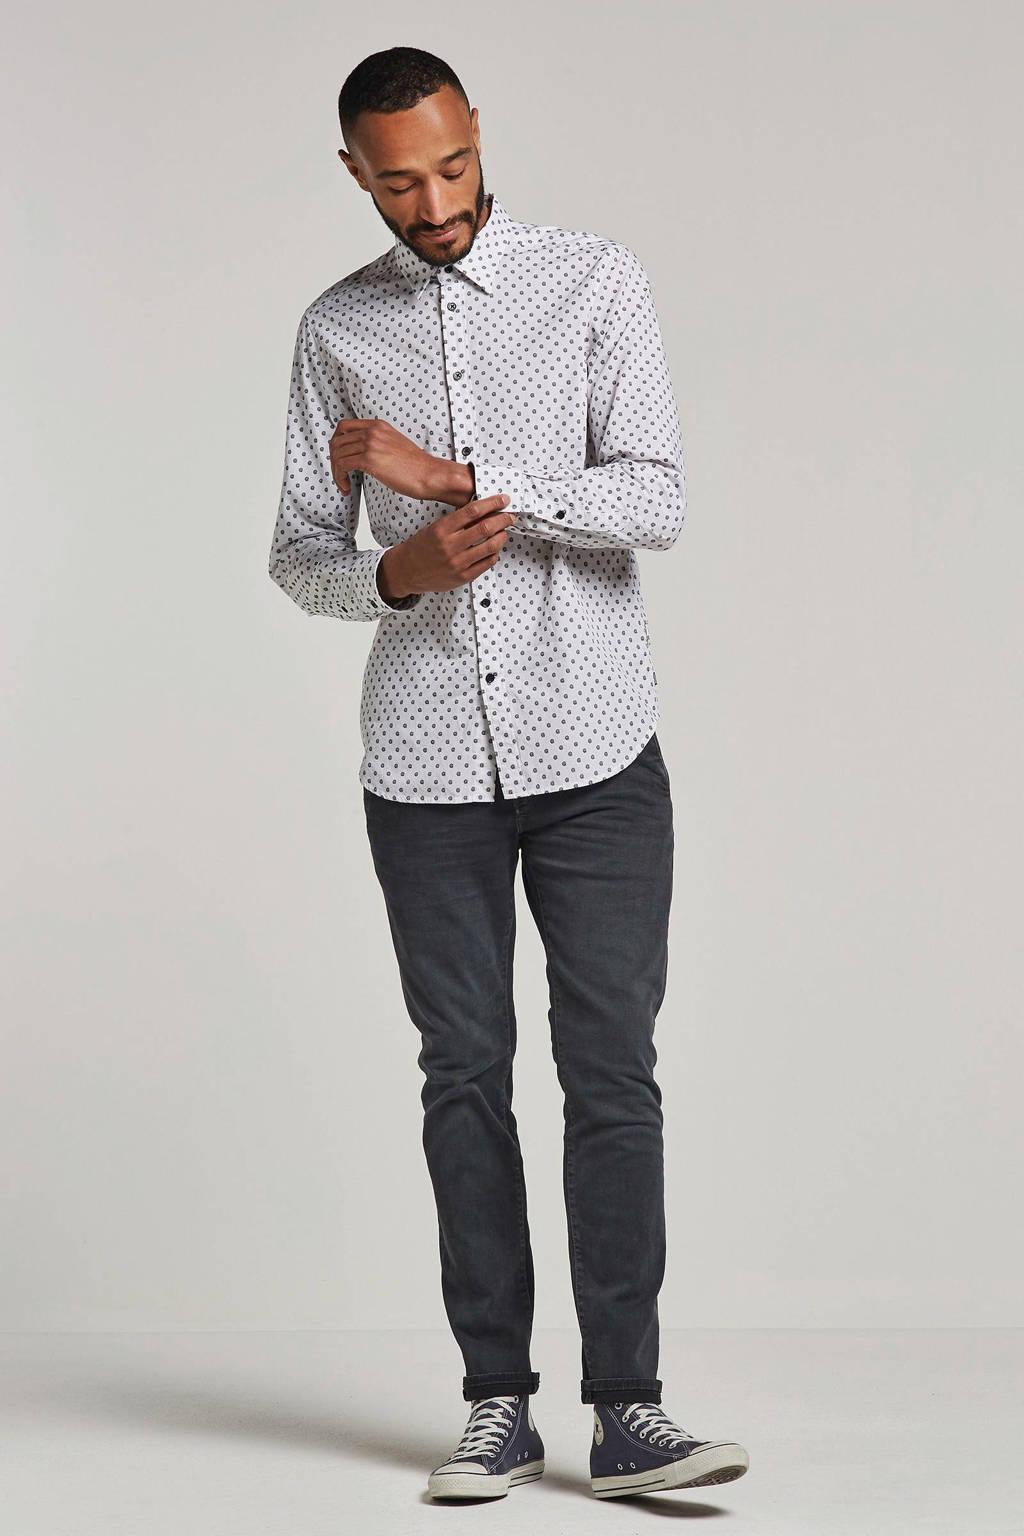 Diesel overhemd met borduur, Wit/zwart